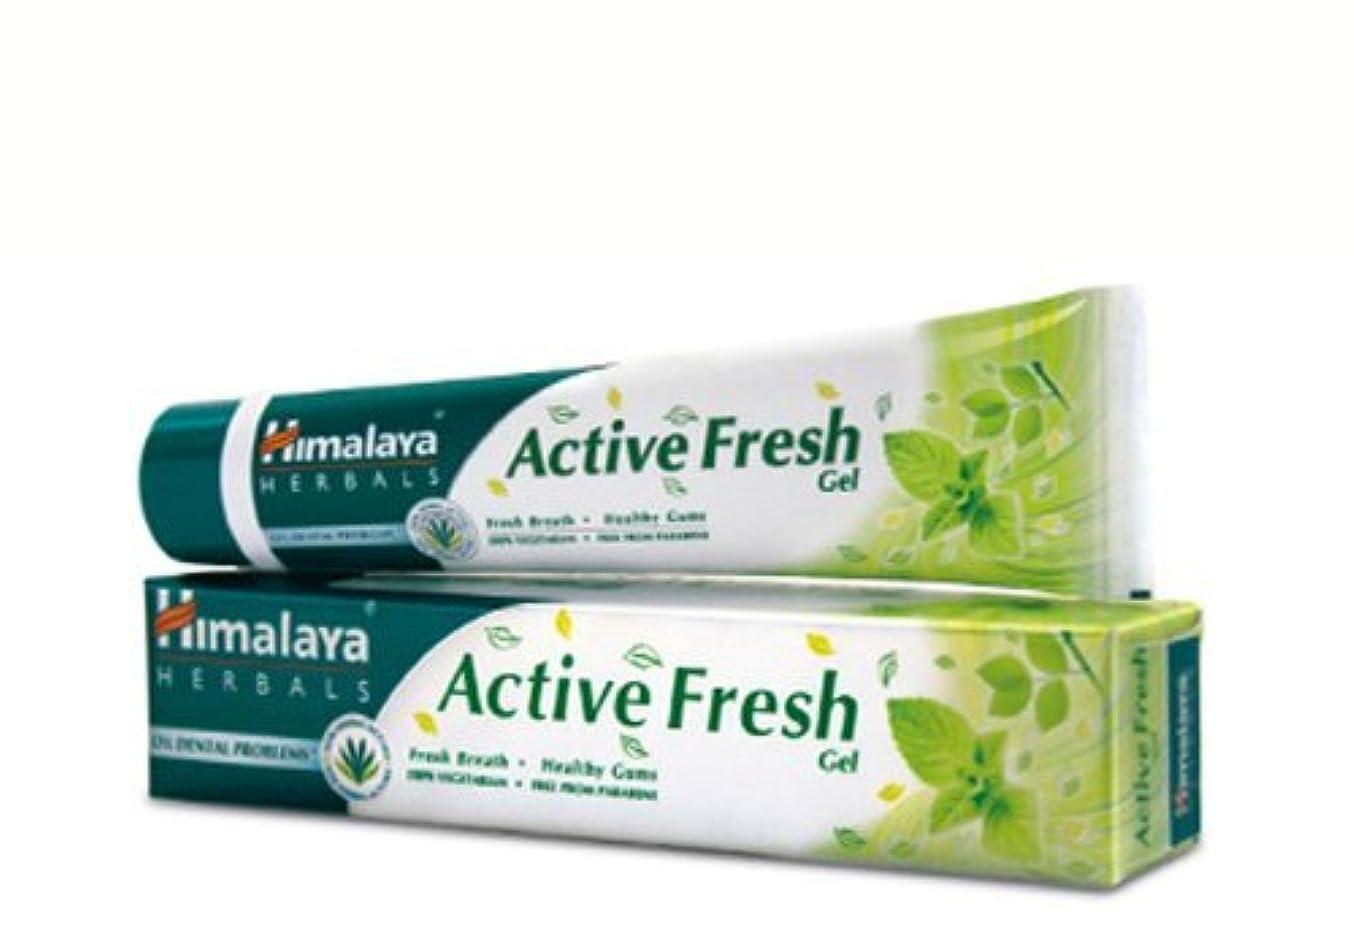 さておき酔う石化するヒマラヤ トゥースペイスト アクティブ フレッシュ(歯磨き粉)80g×4本 Himalaya Active Fresh Toothpaste